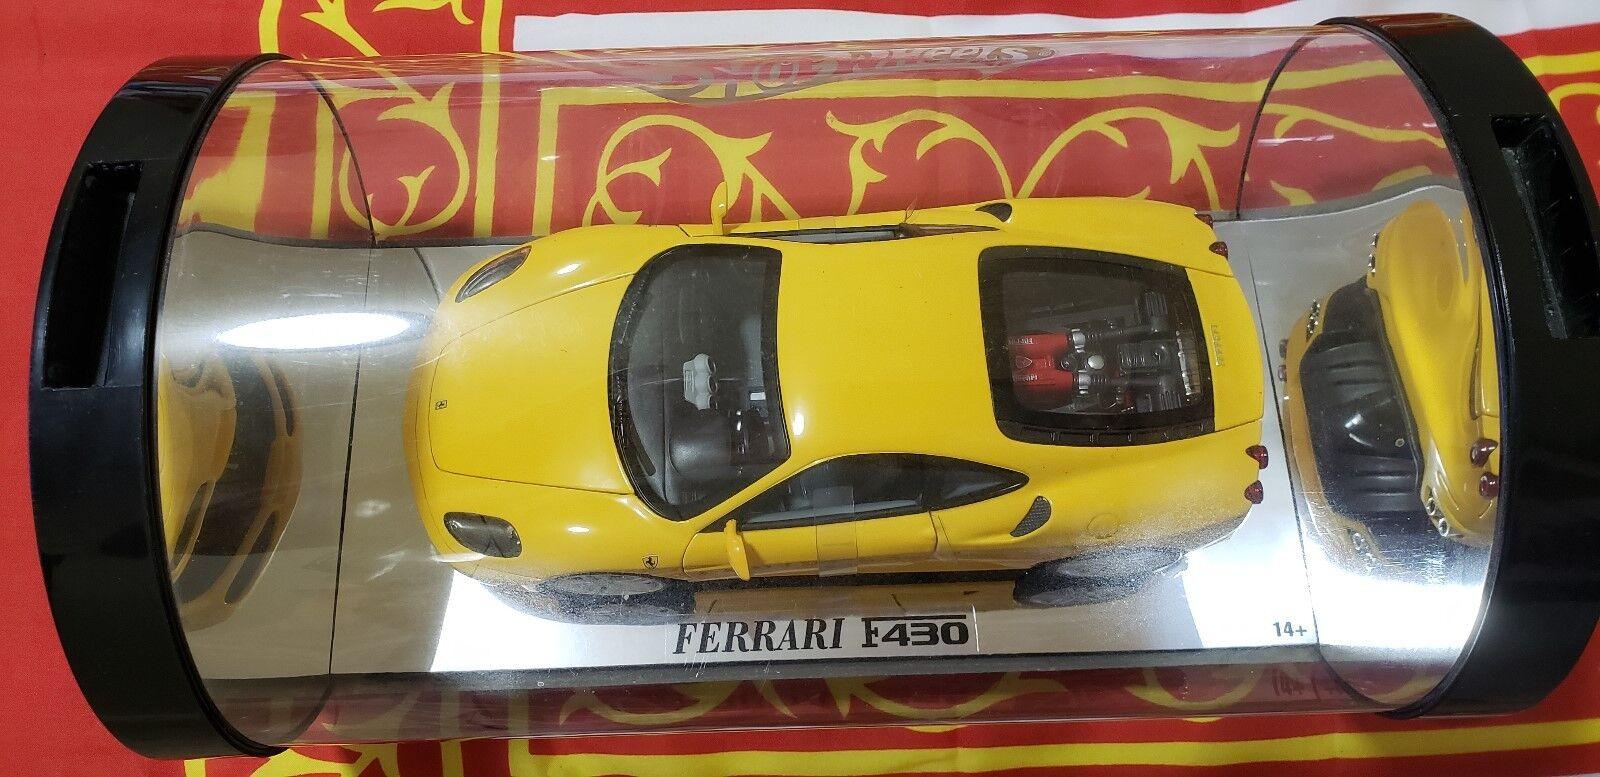 Ferrari New F430 2004 Coupé Mattel Hot Wheels showcase edition échelle 1 18 dans